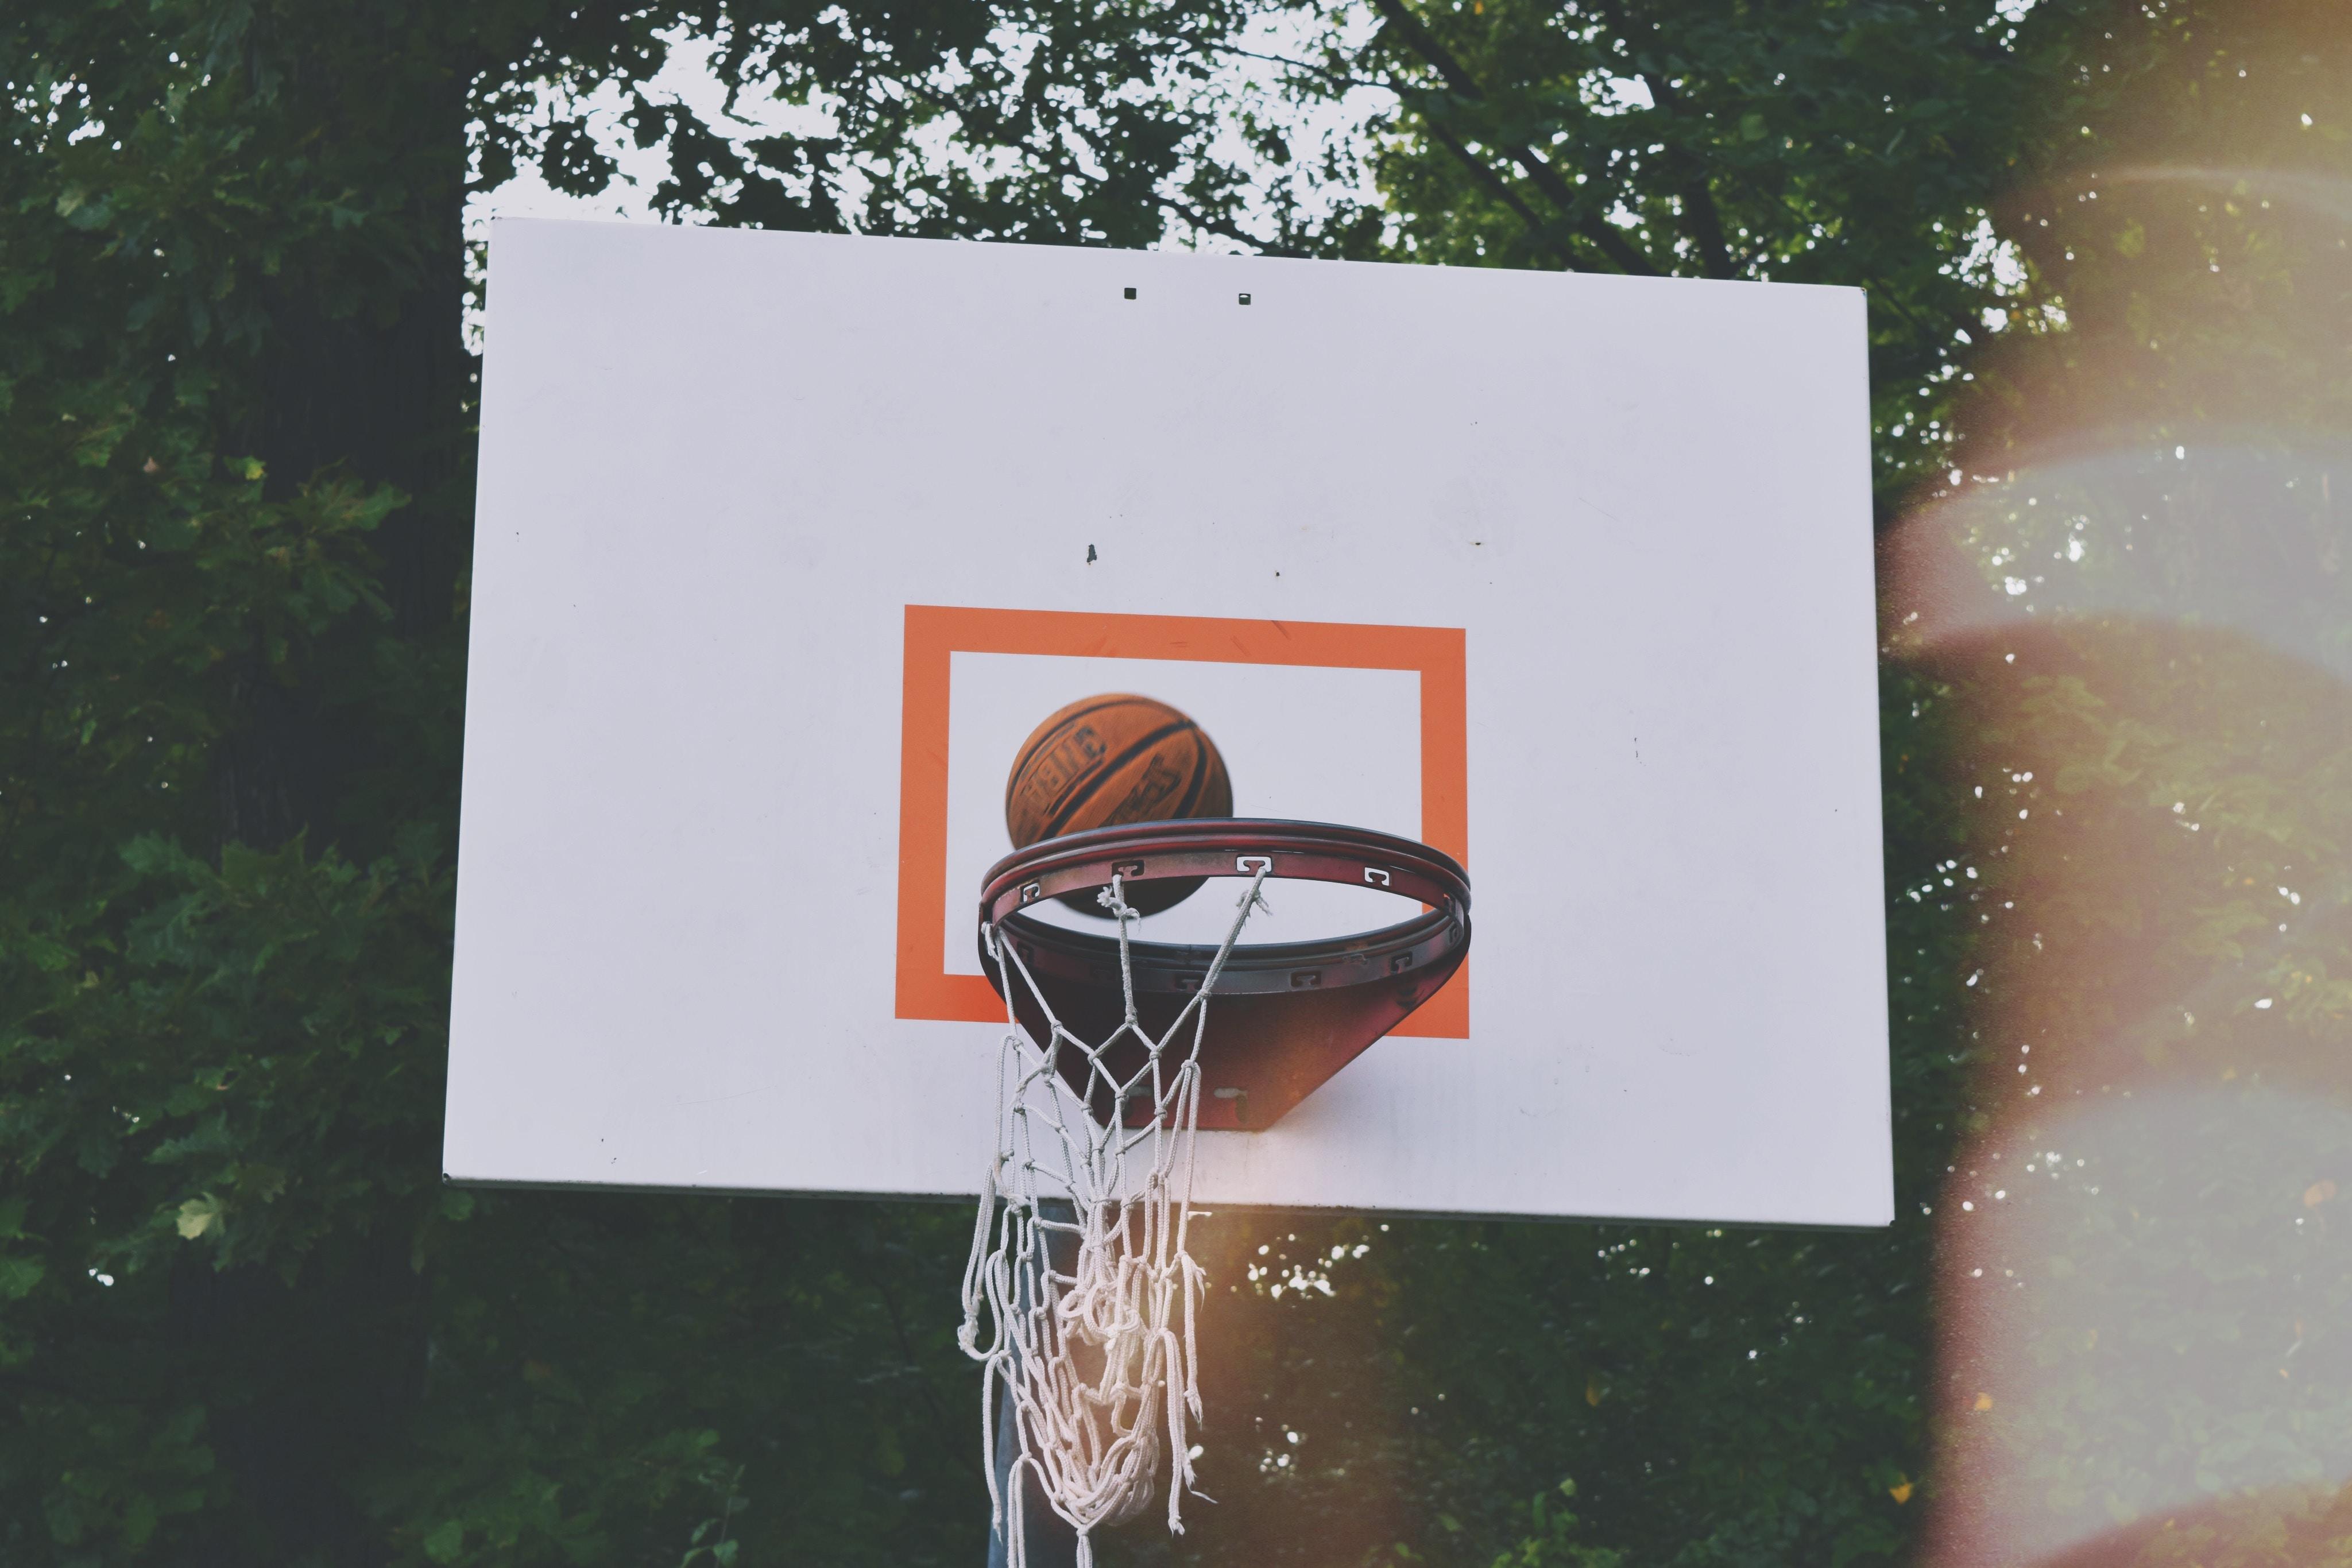 baseball ball on top of ring